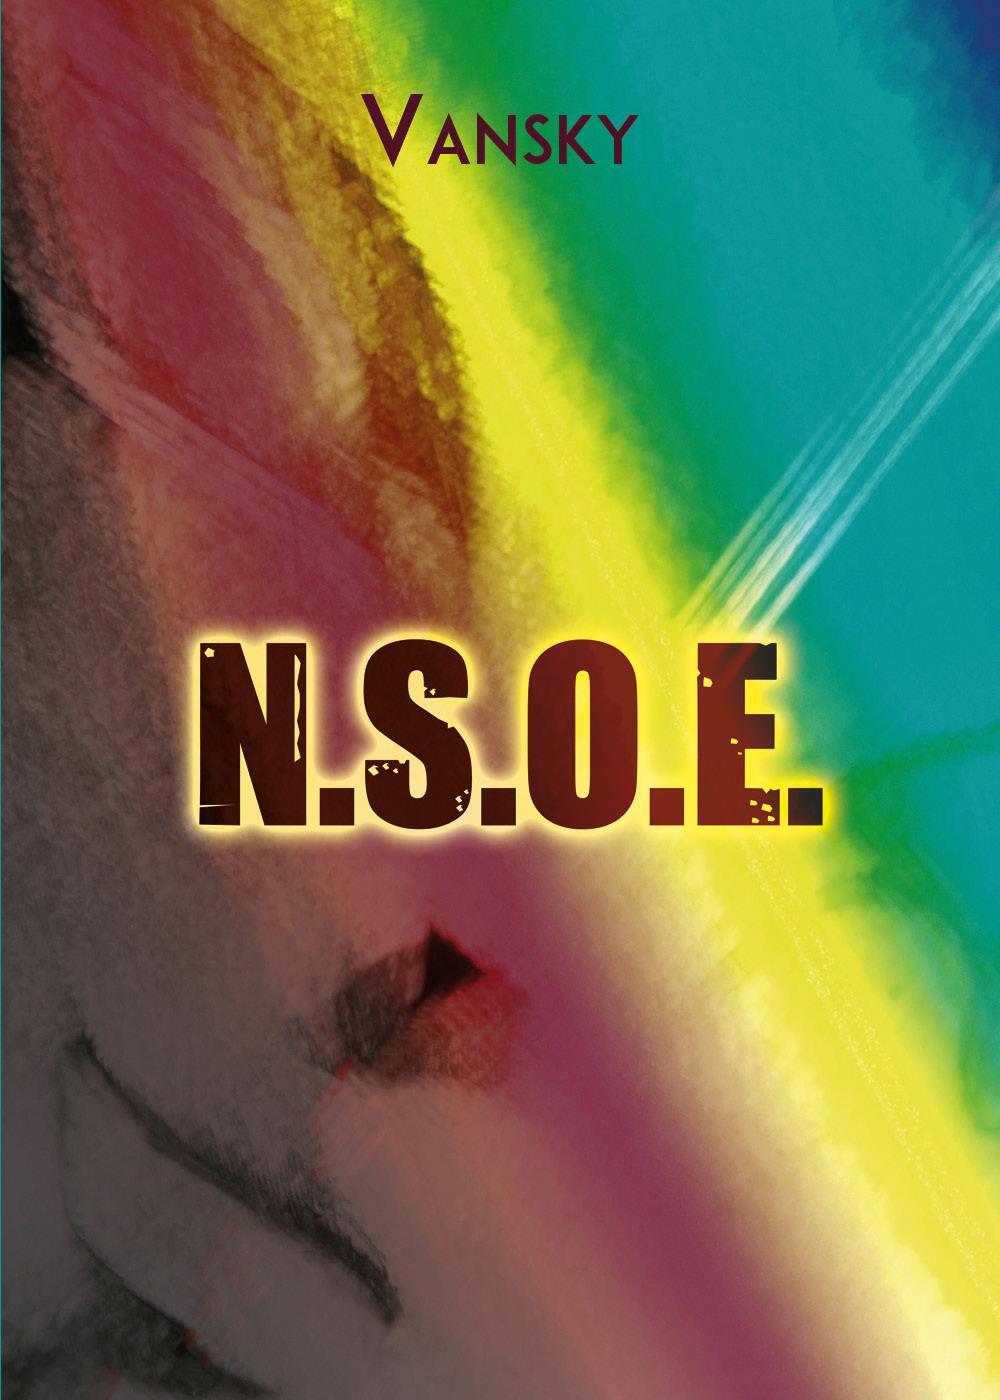 N.S.O.E.